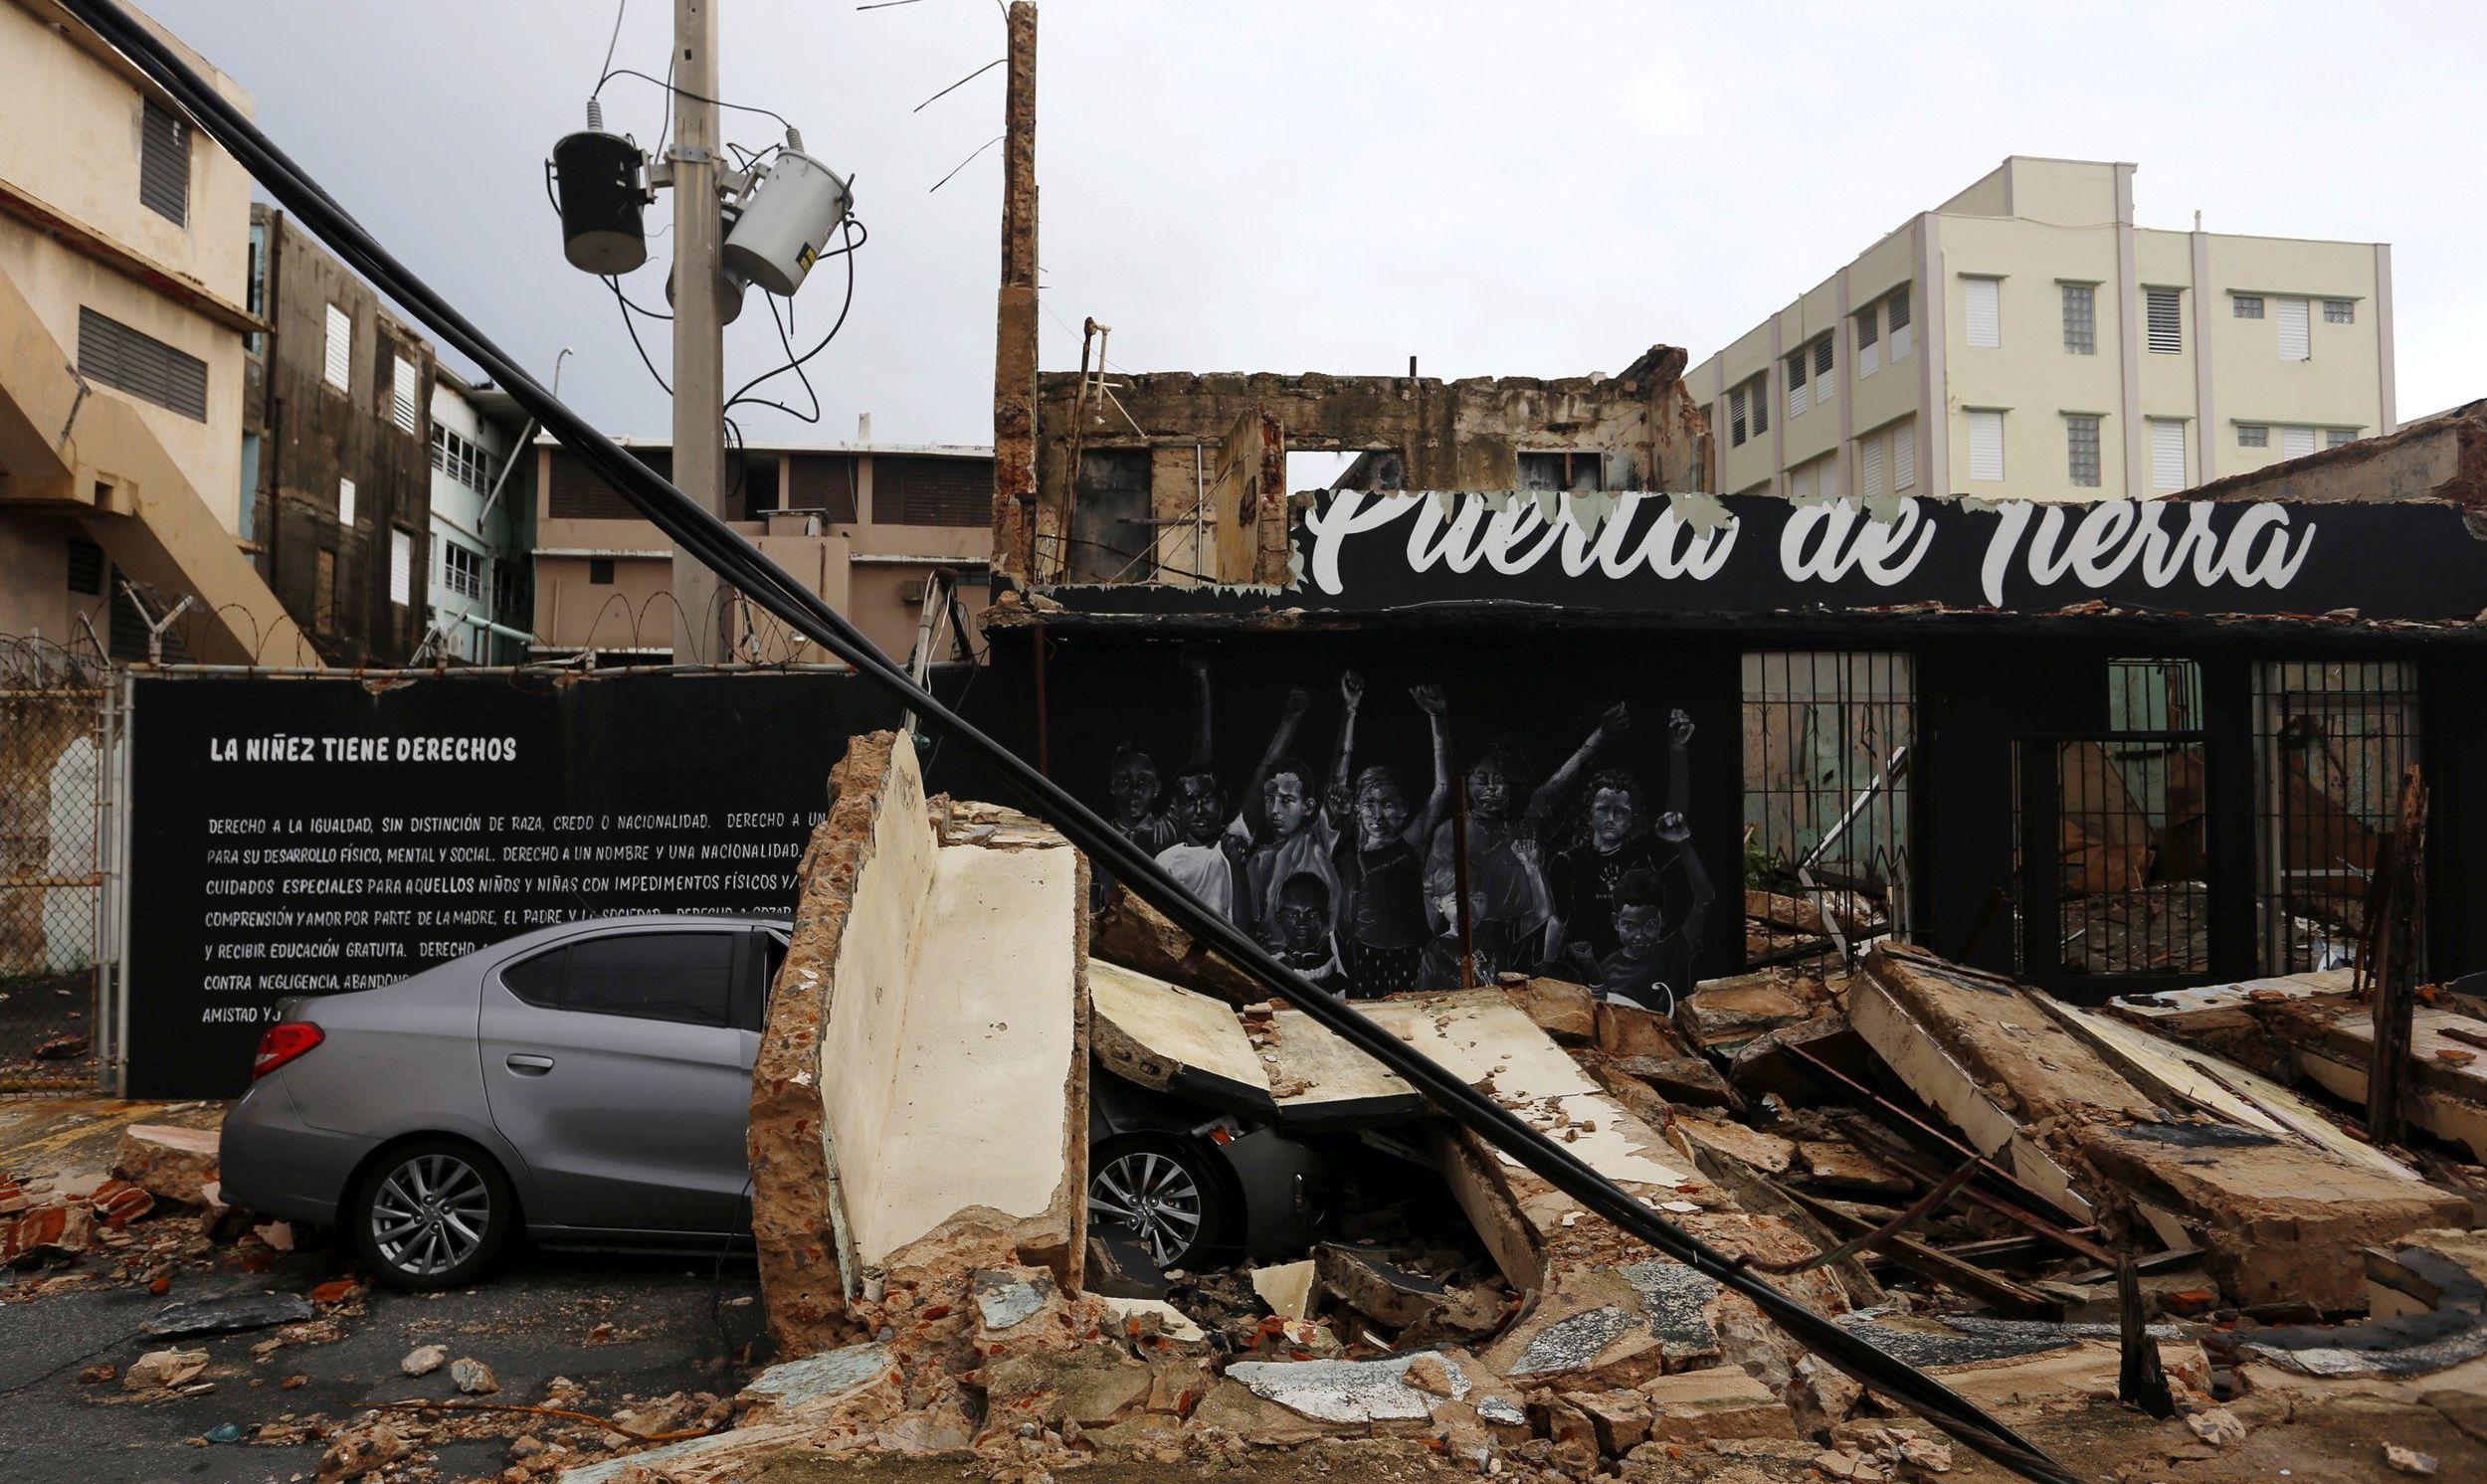 Stanje prirodne katastrofe proglašeno u Portoriku